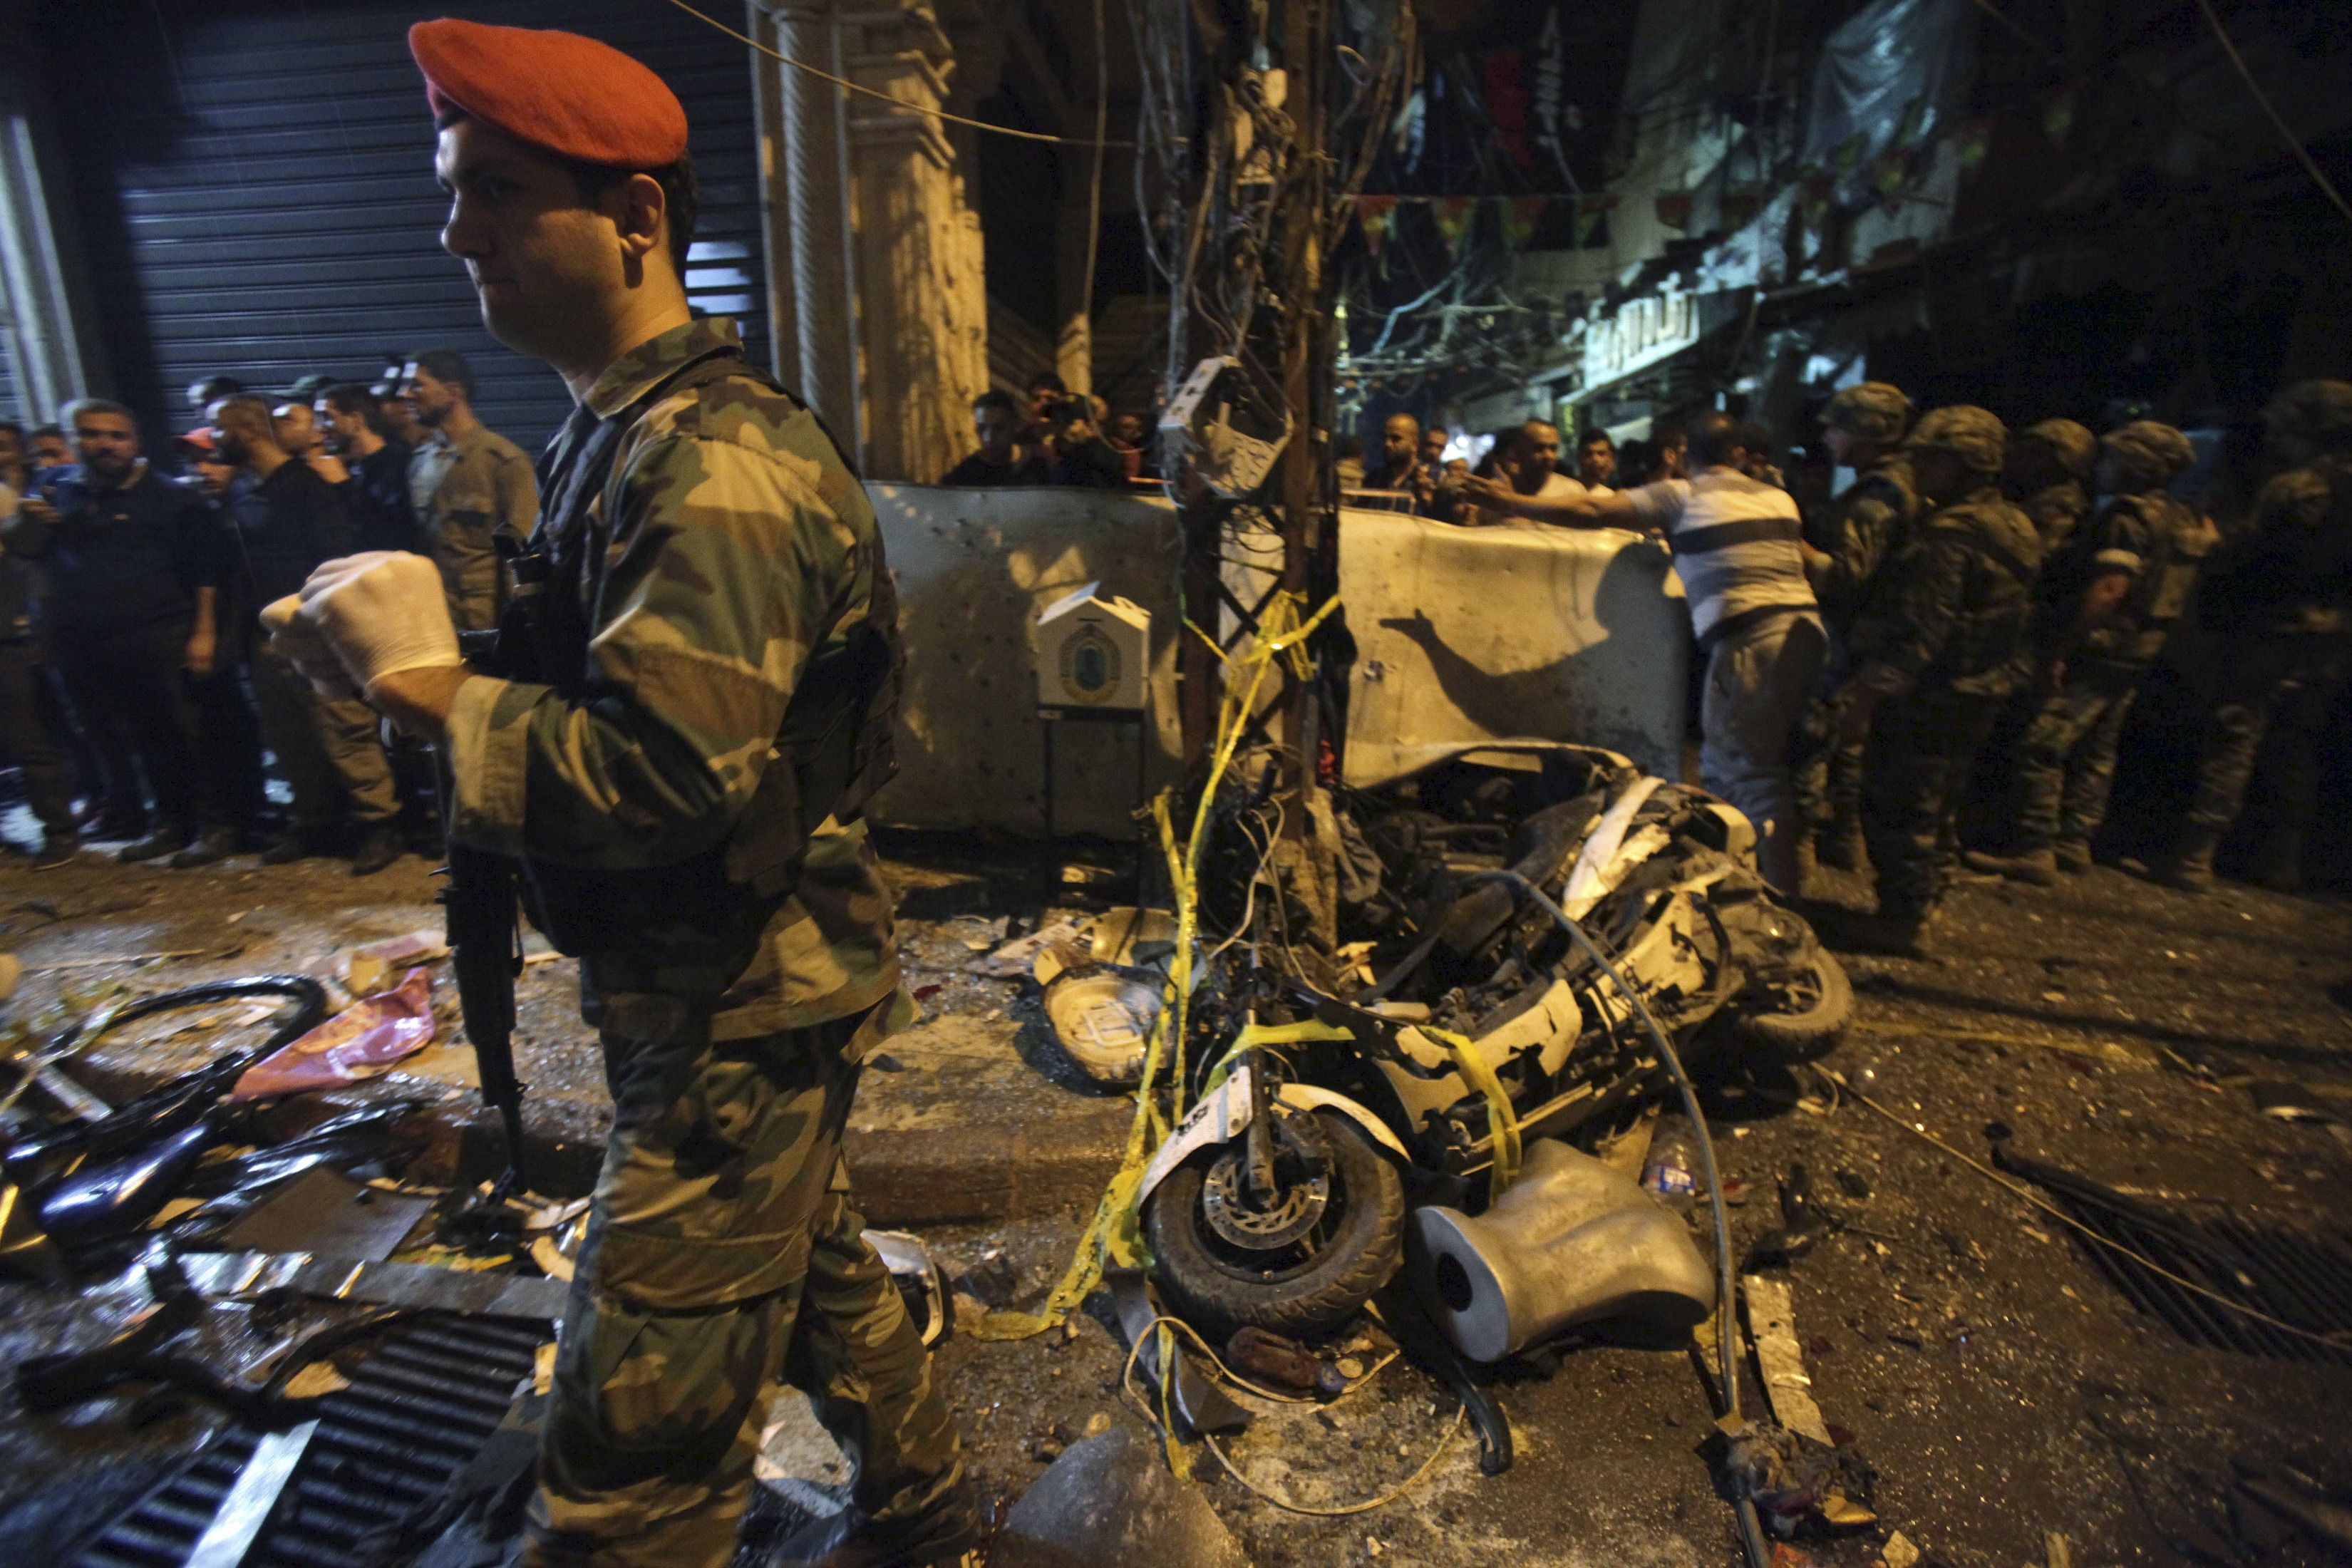 Liban : ce que l'on sait de l'attentat revendiqué par l'Etat islamique ce jeudi soir à Beyrouth et qui a fait plus de 40 morts